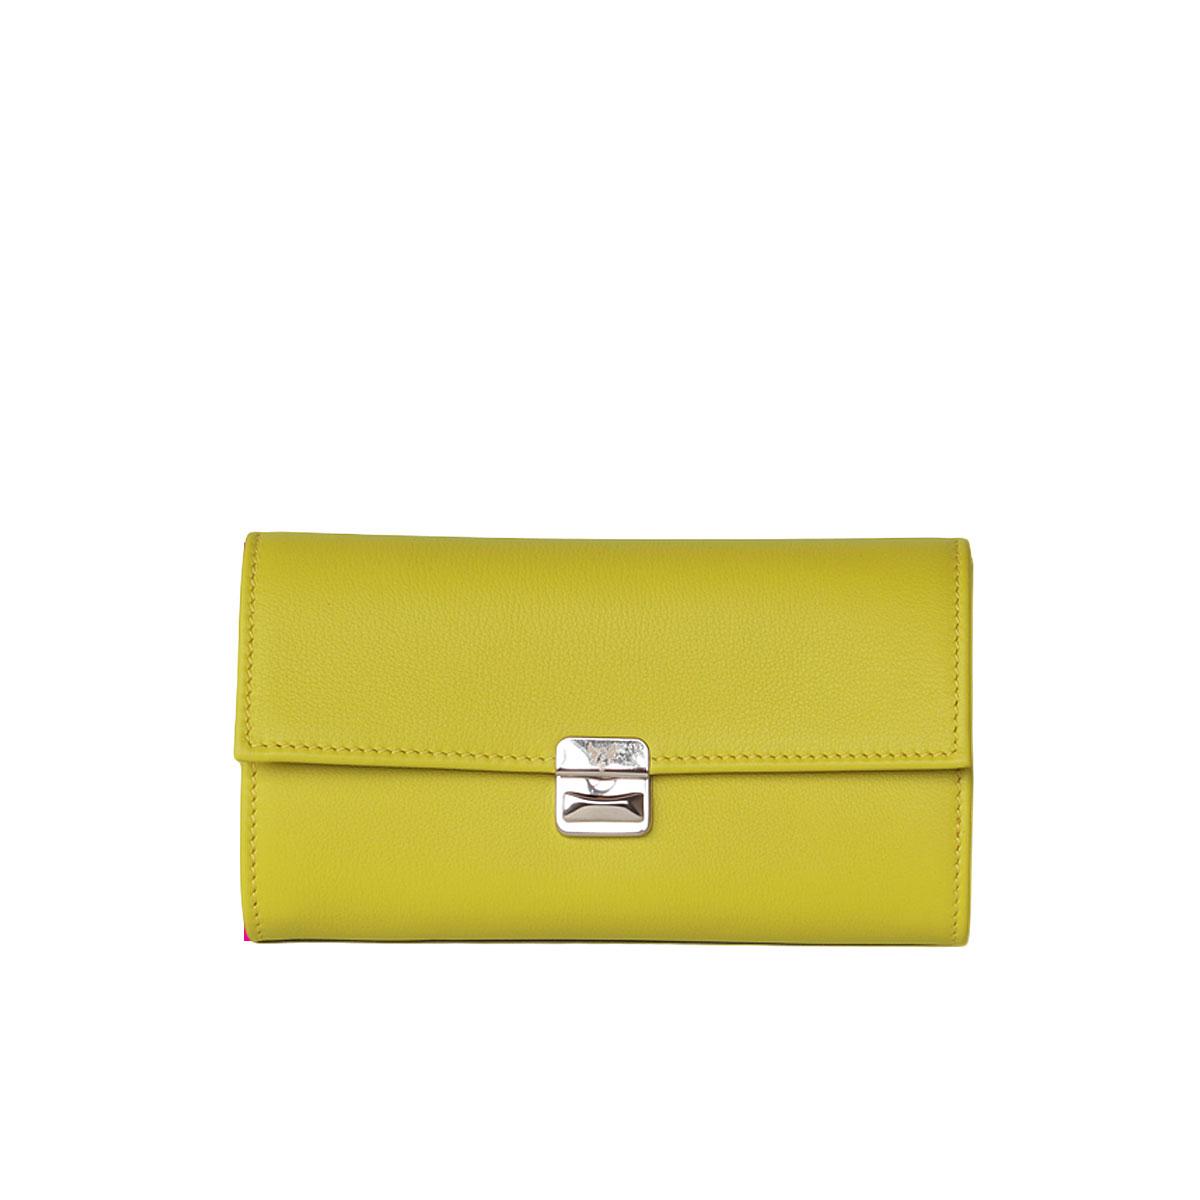 Damen Leder Geldbörse Lime mit Neon Pink L